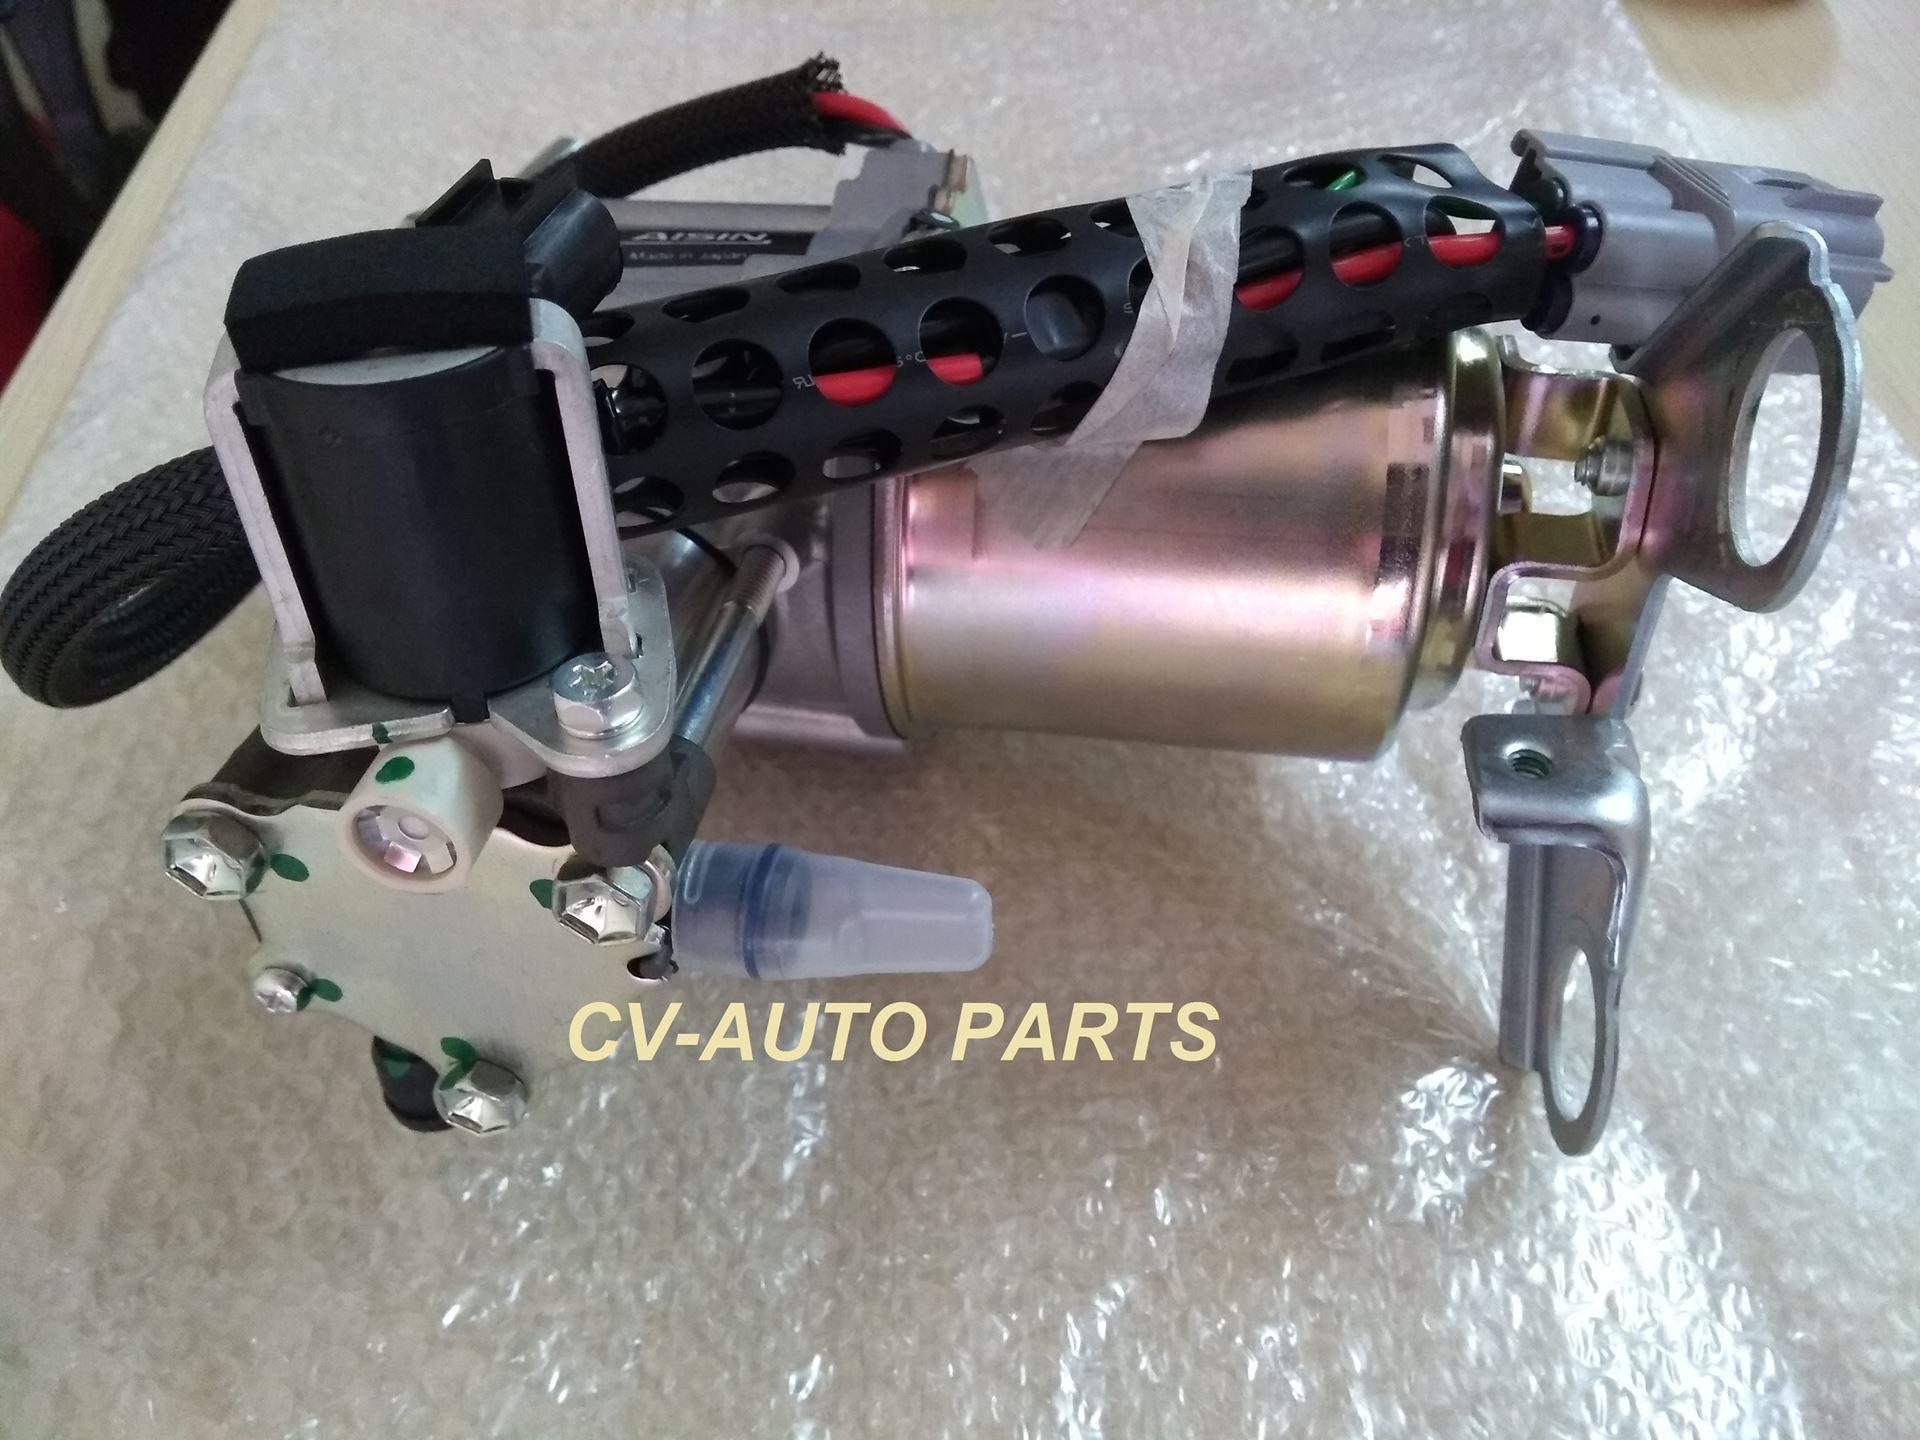 Picture of 48910-60020 48910-60021 Bơm nâng hạ gầm Lexus GX470 chính hãng